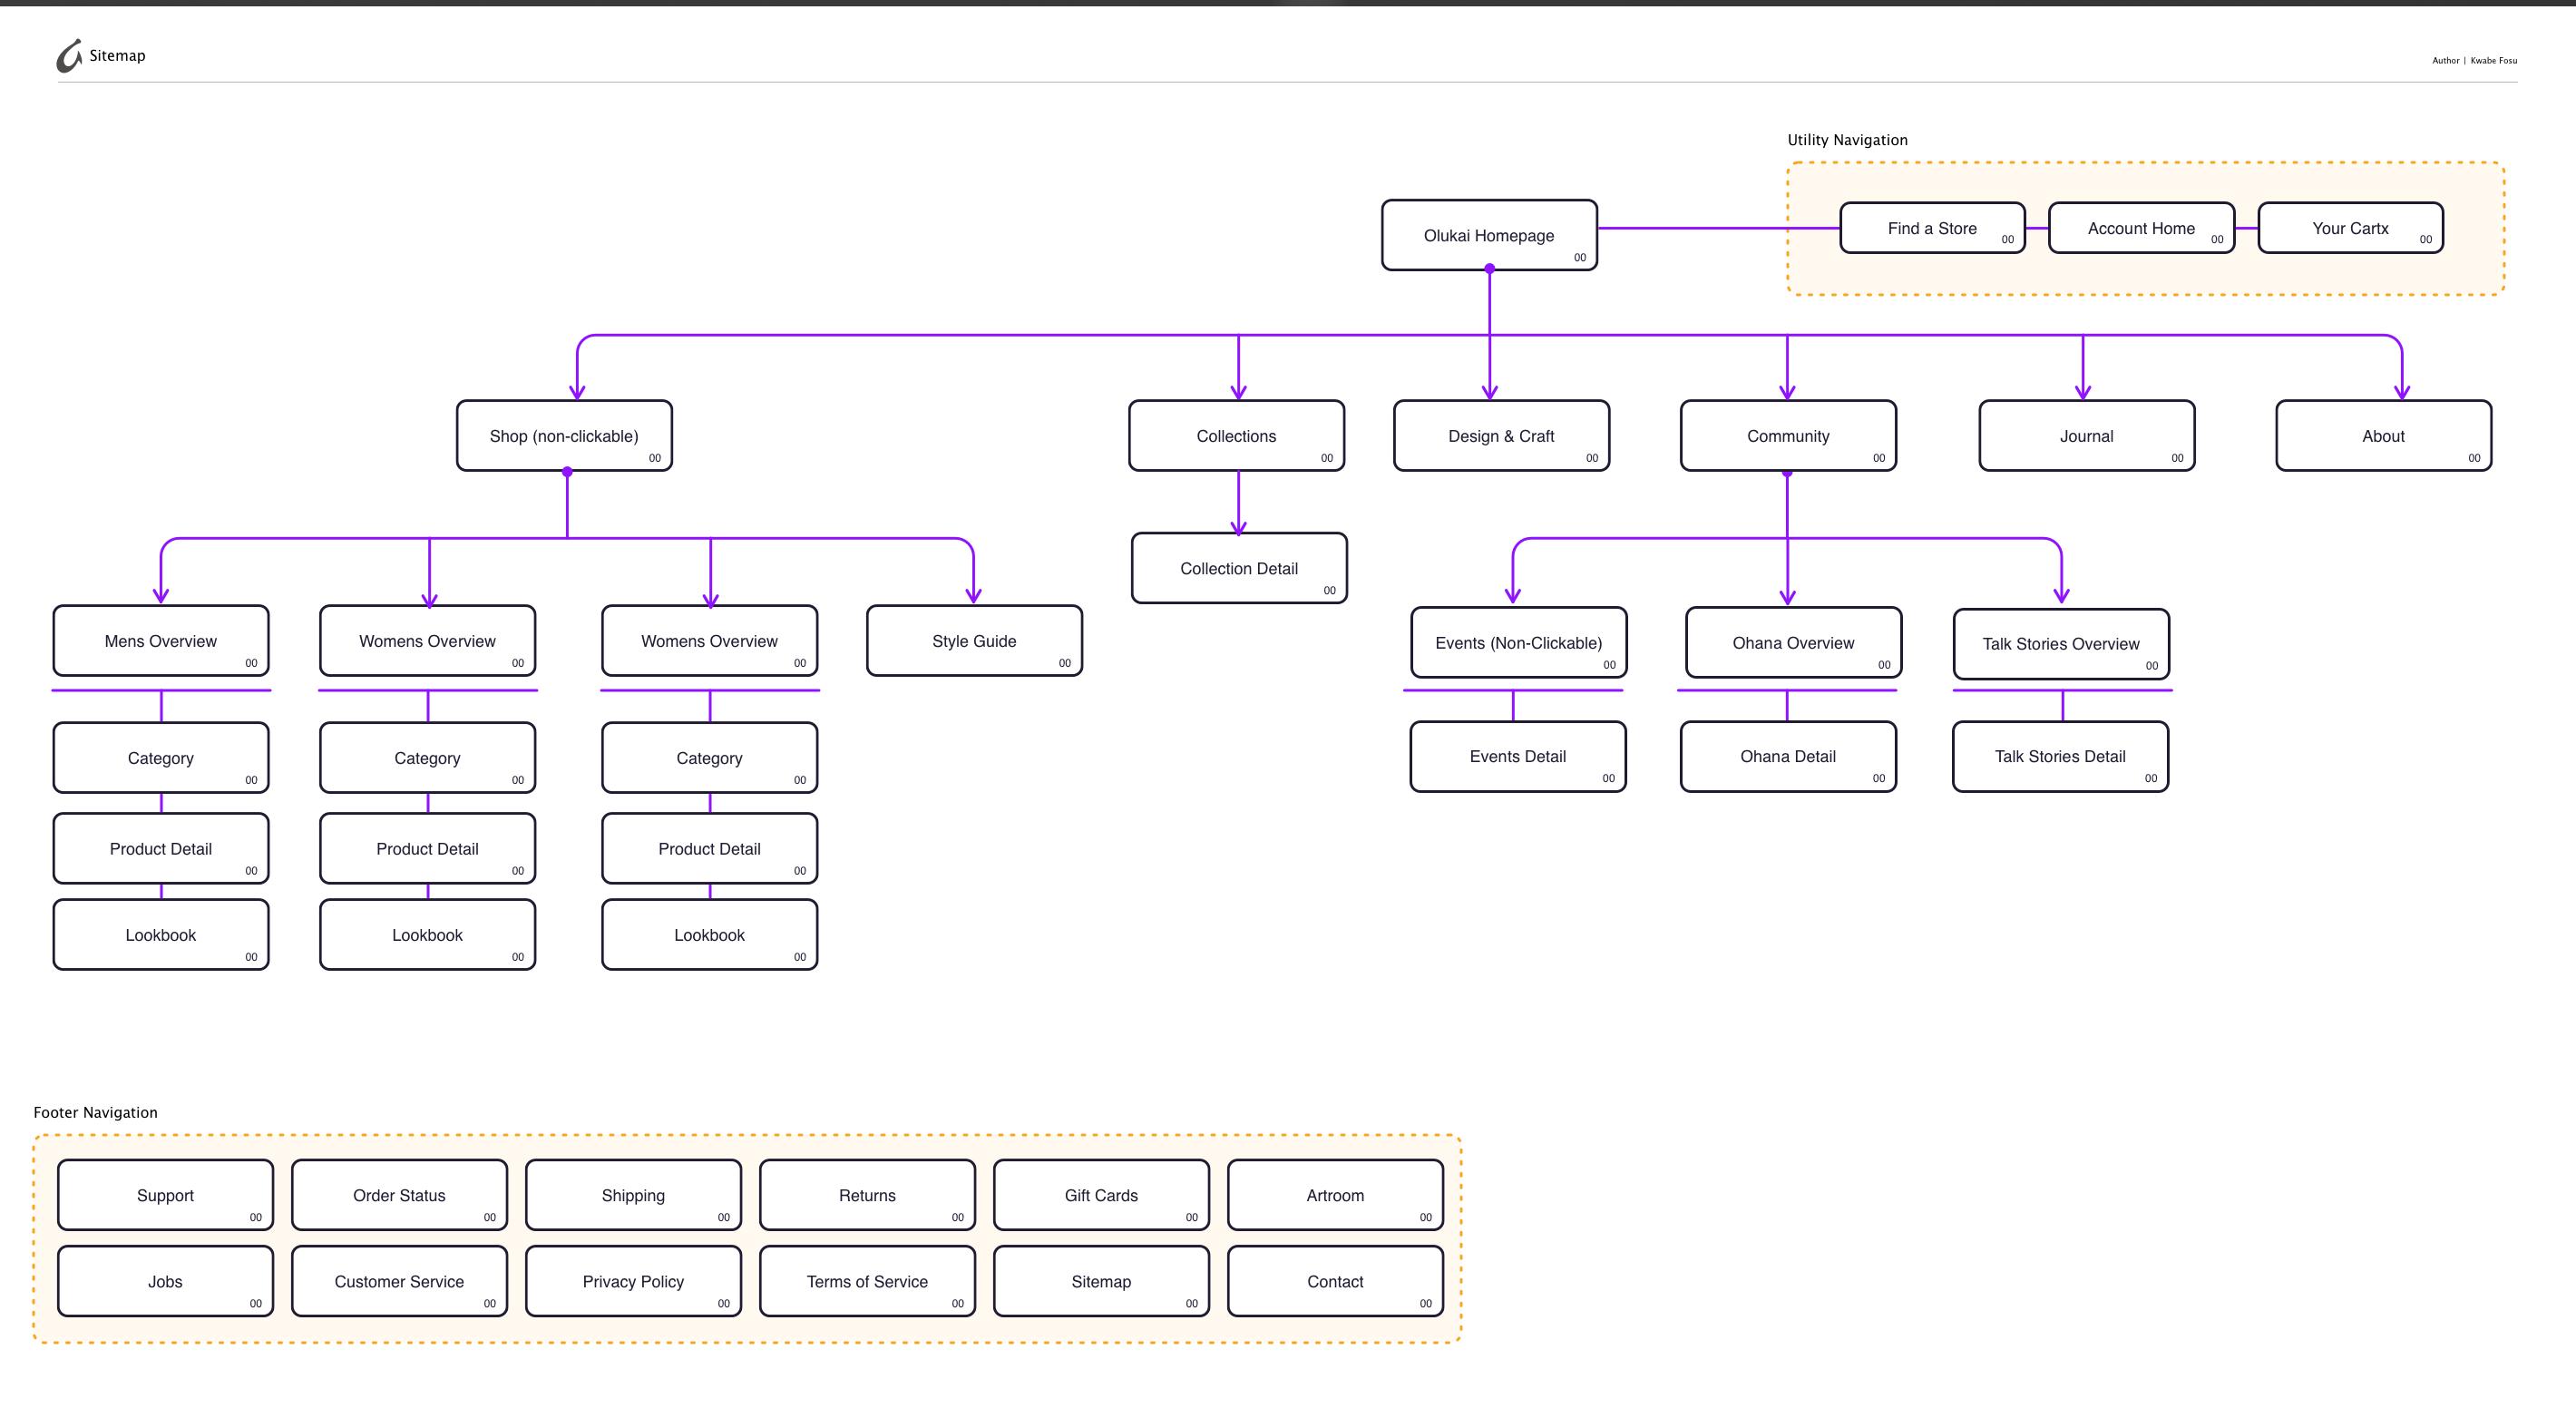 Olukai_Visual_Sitemap